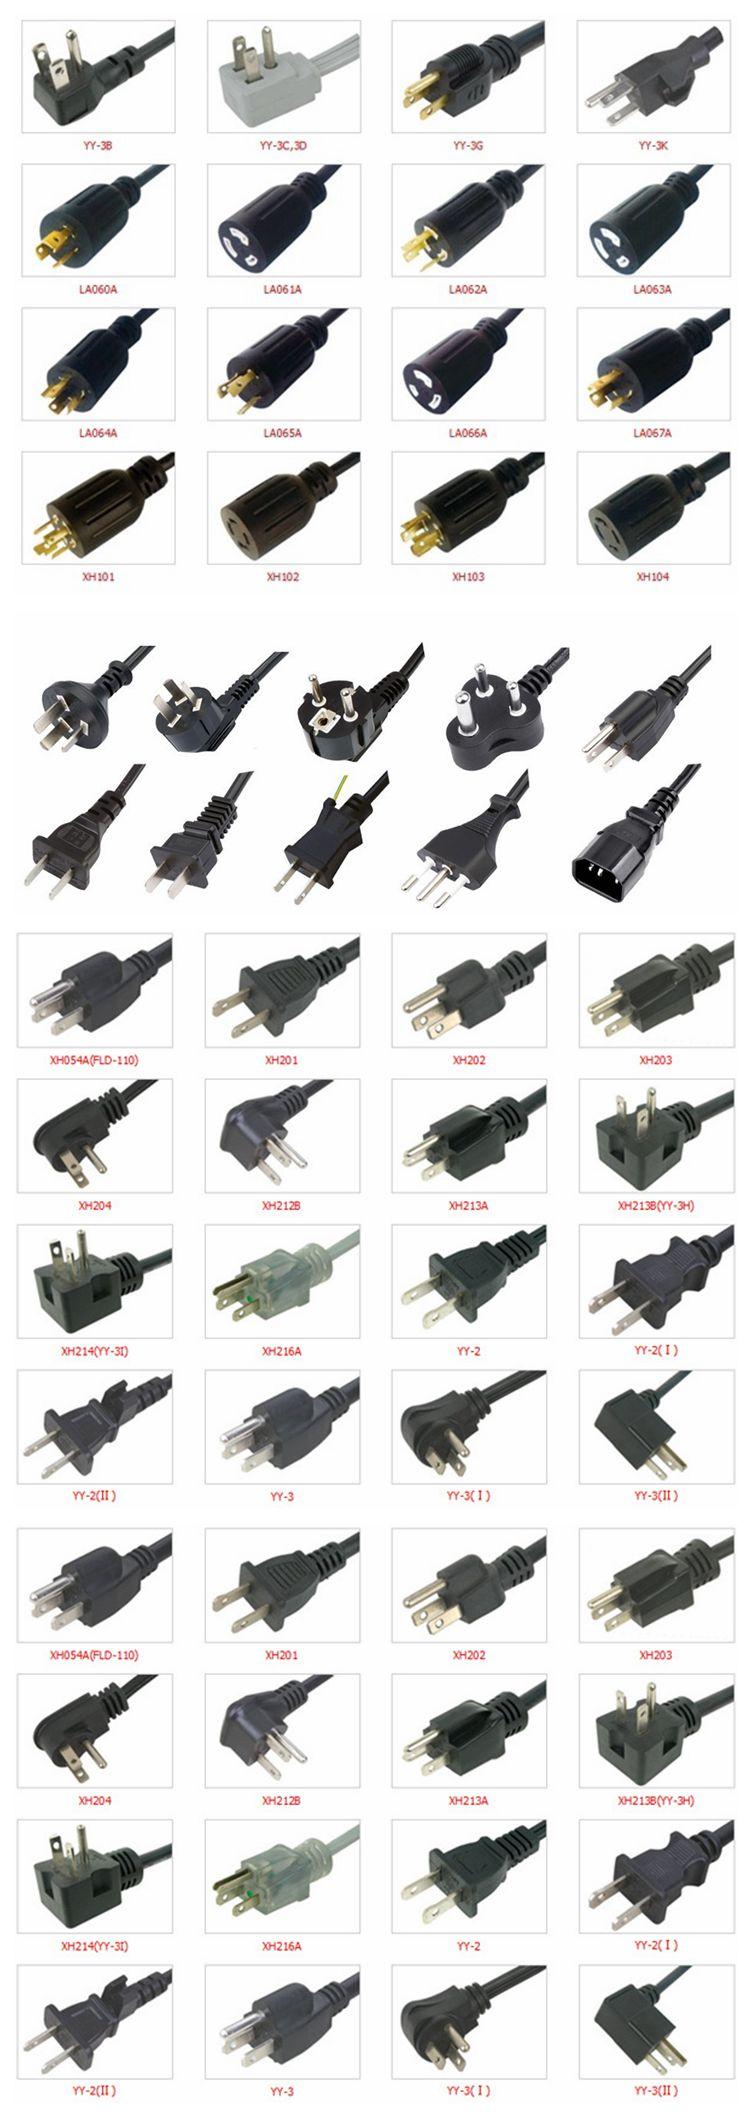 Produsen Adaptor Daya 19V 3,42a Adaptor Daya 65W Catu Daya Dapat Dipertukarkan dengan PSE/CE/PTC/GS/VI/CB/GS/KC/RoHS